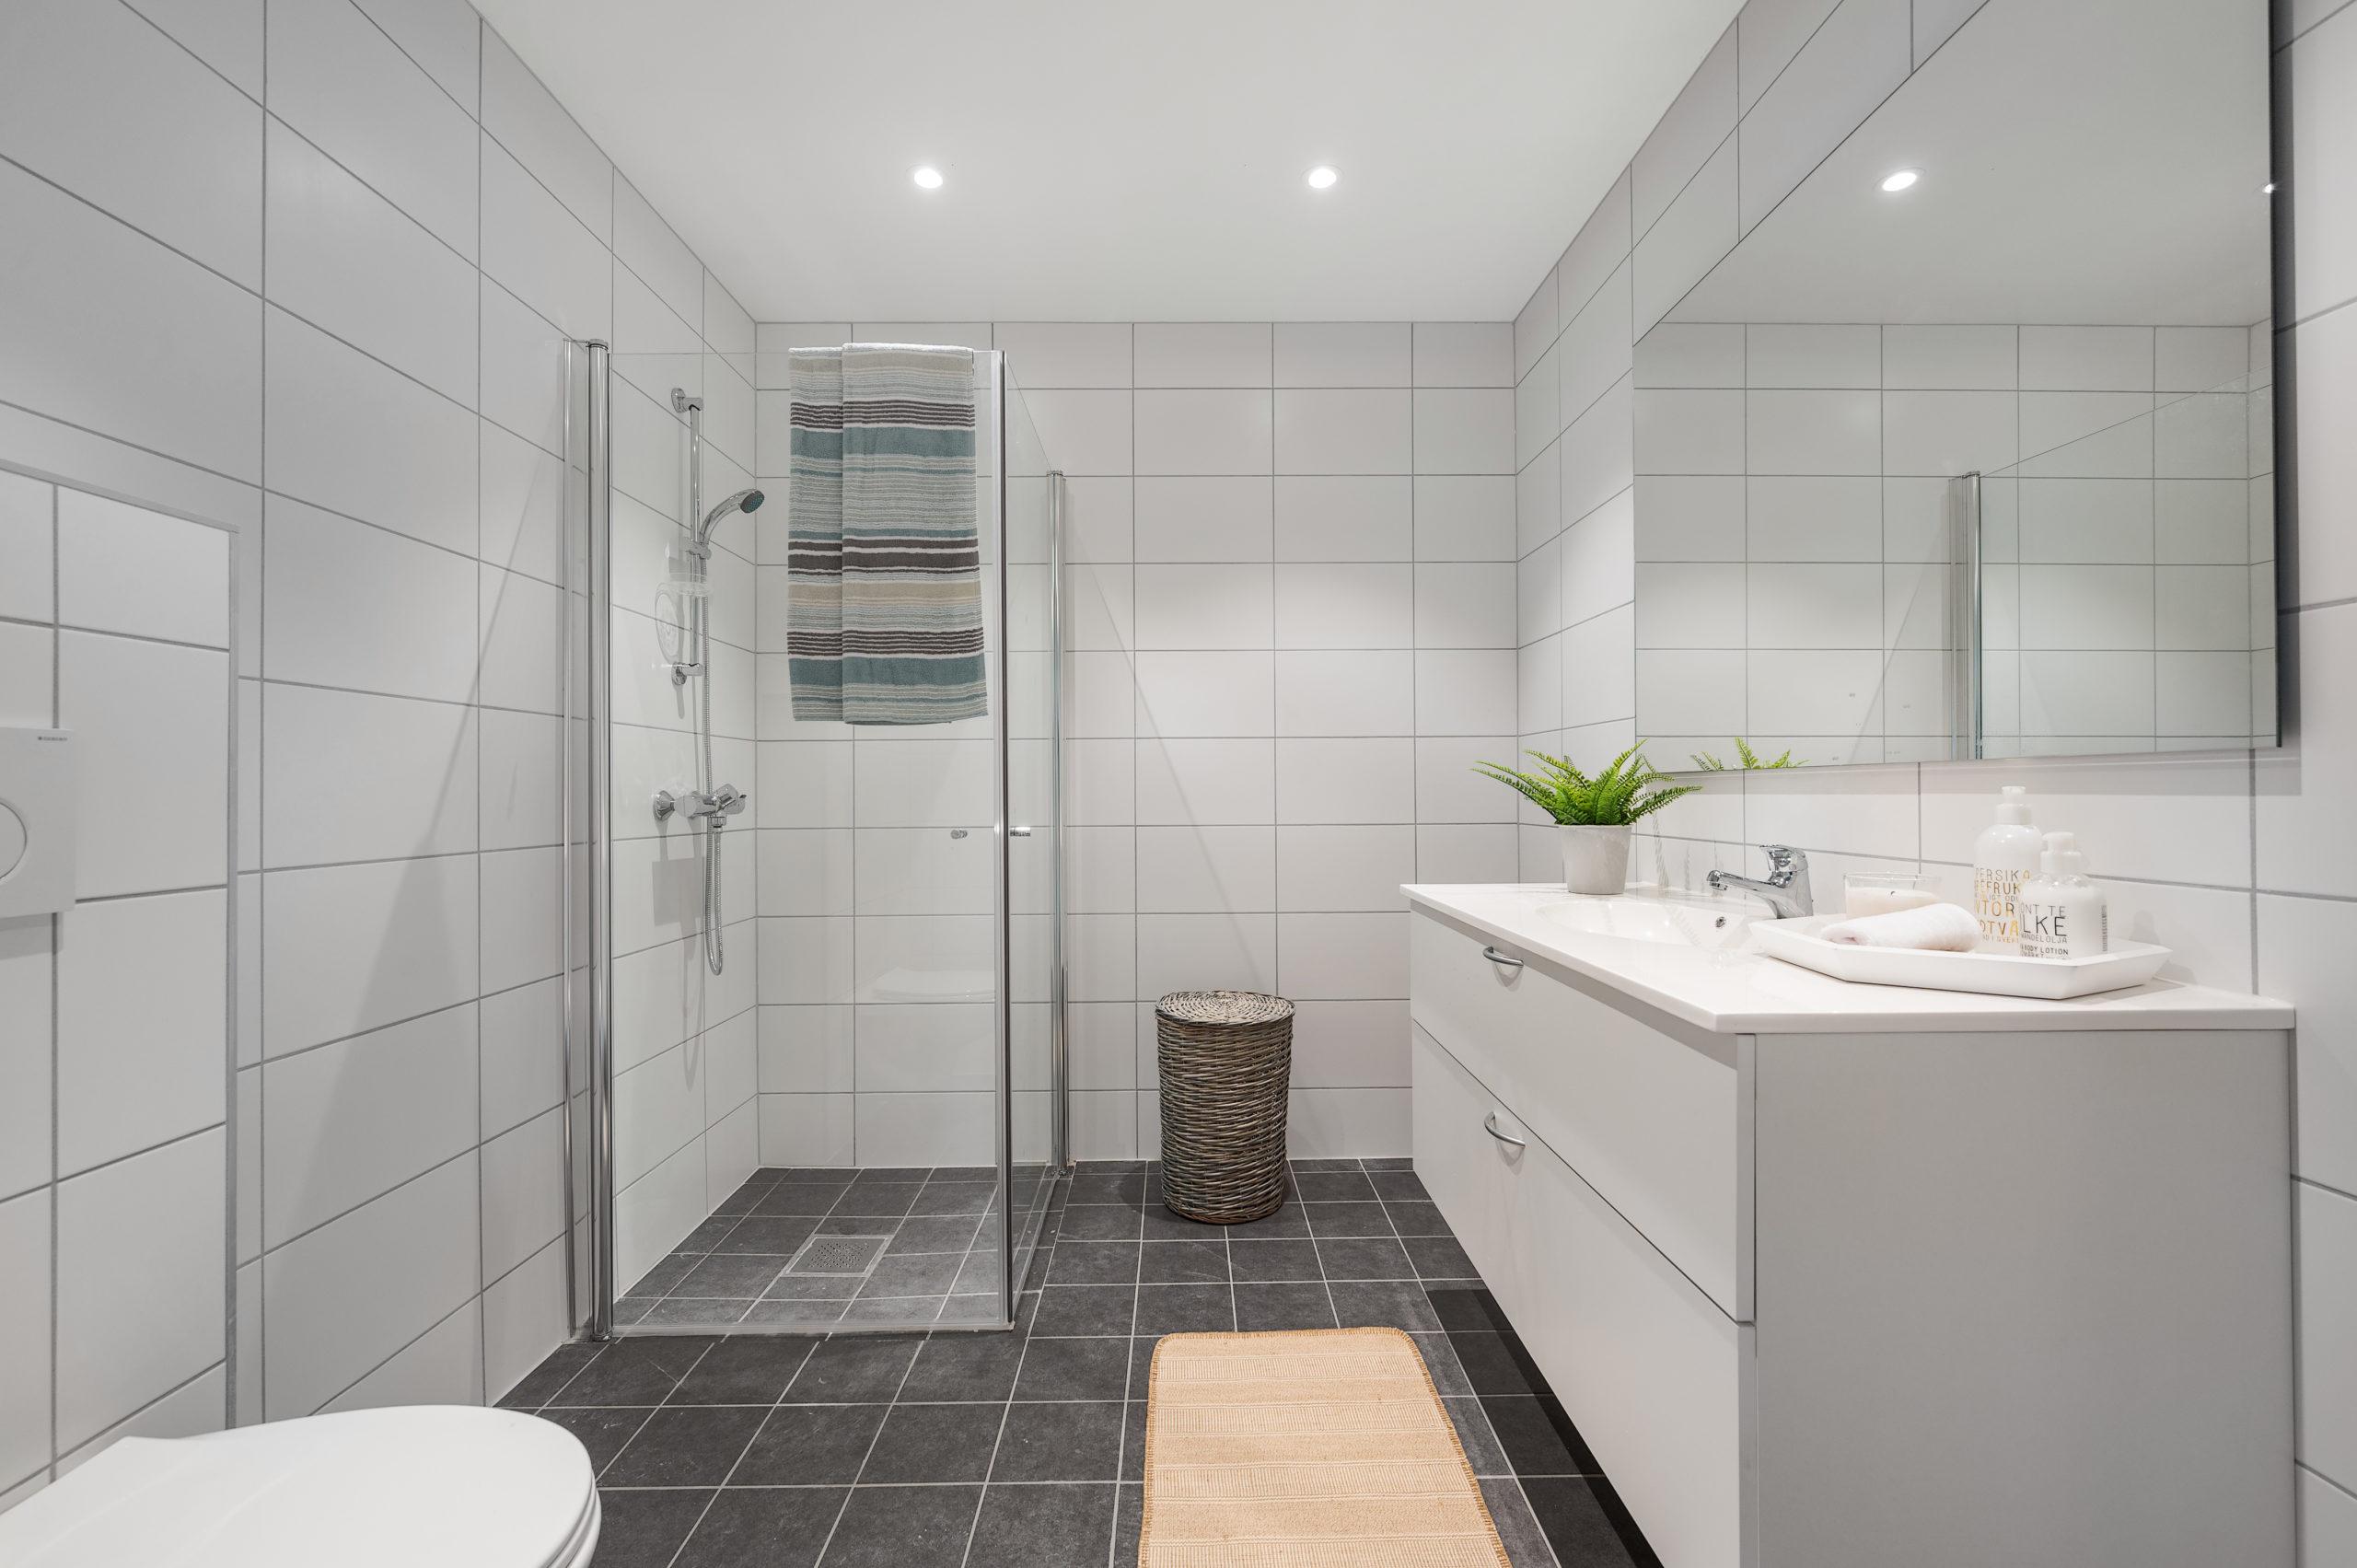 Enebolig Fjellfoten Hage: Hovedbad, delikat og enkelt